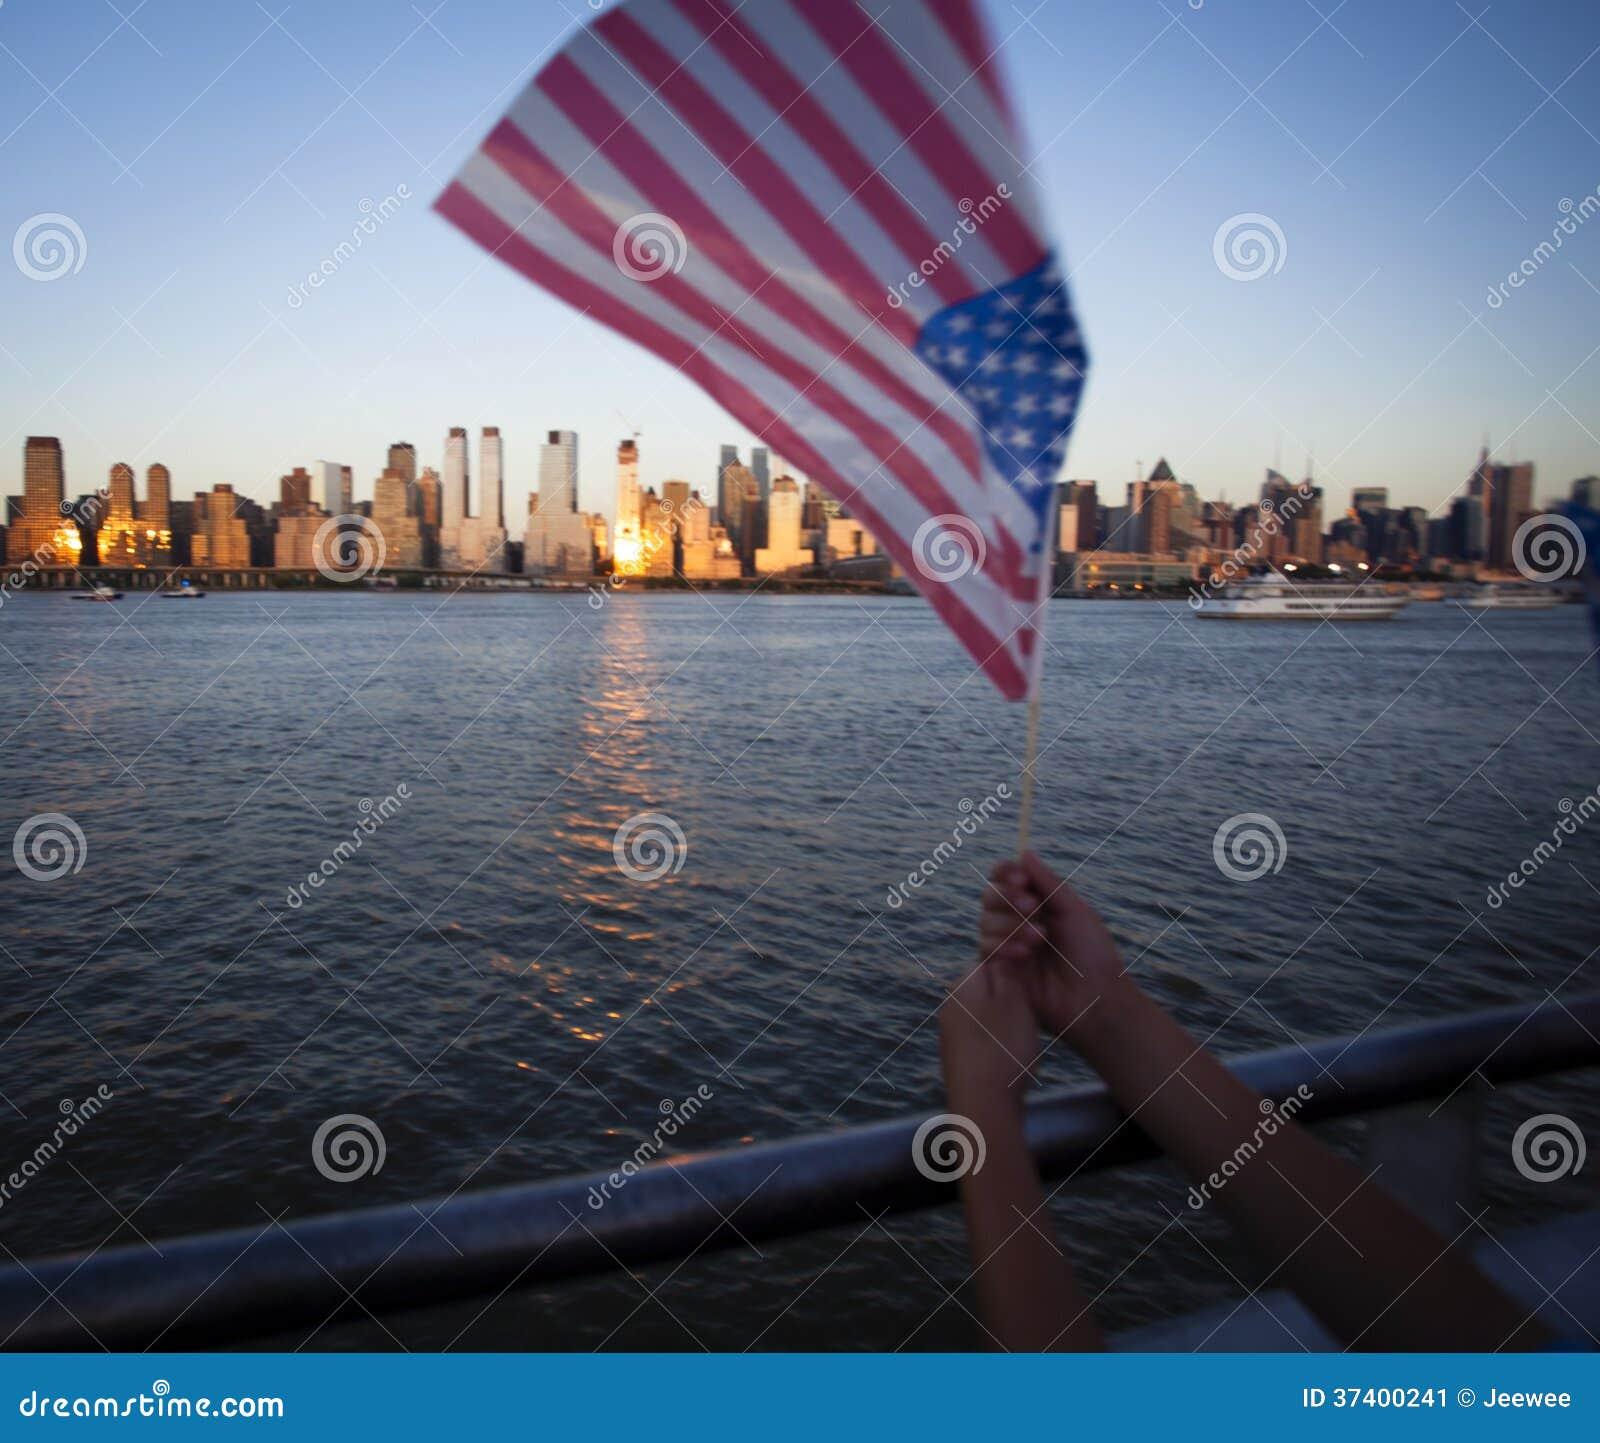 Bandeira americana durante o Dia da Independência em Hudson River com uma vista em Manhattan - New York City - Estados Unidos